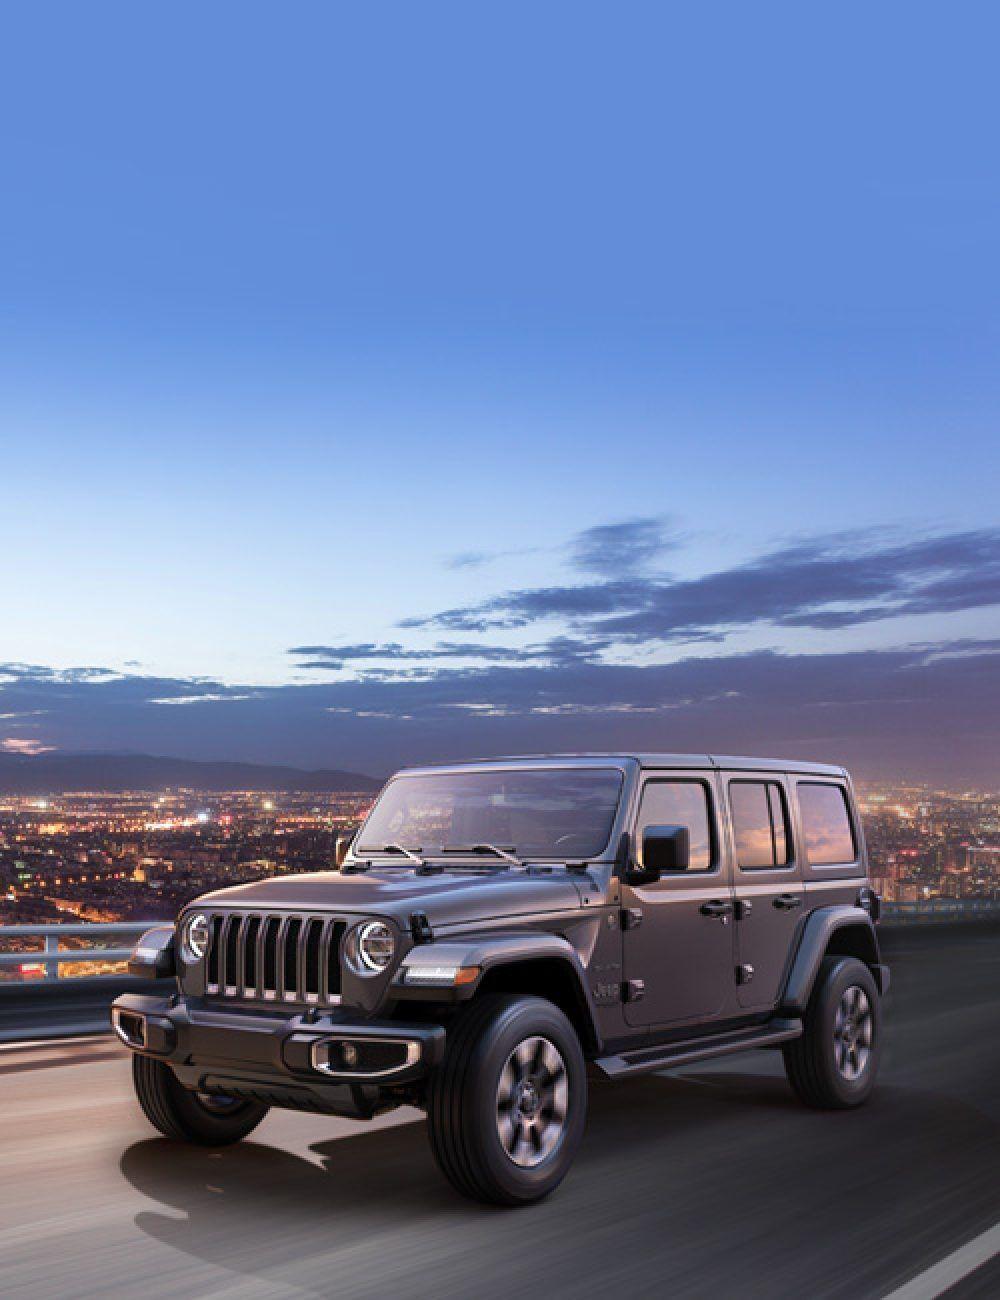 2019 Jeep Wrangler Sahara Altitude Discover New Adventures In Style Jeep Wrangler Sahara Classic Jeeps Jeep Sahara